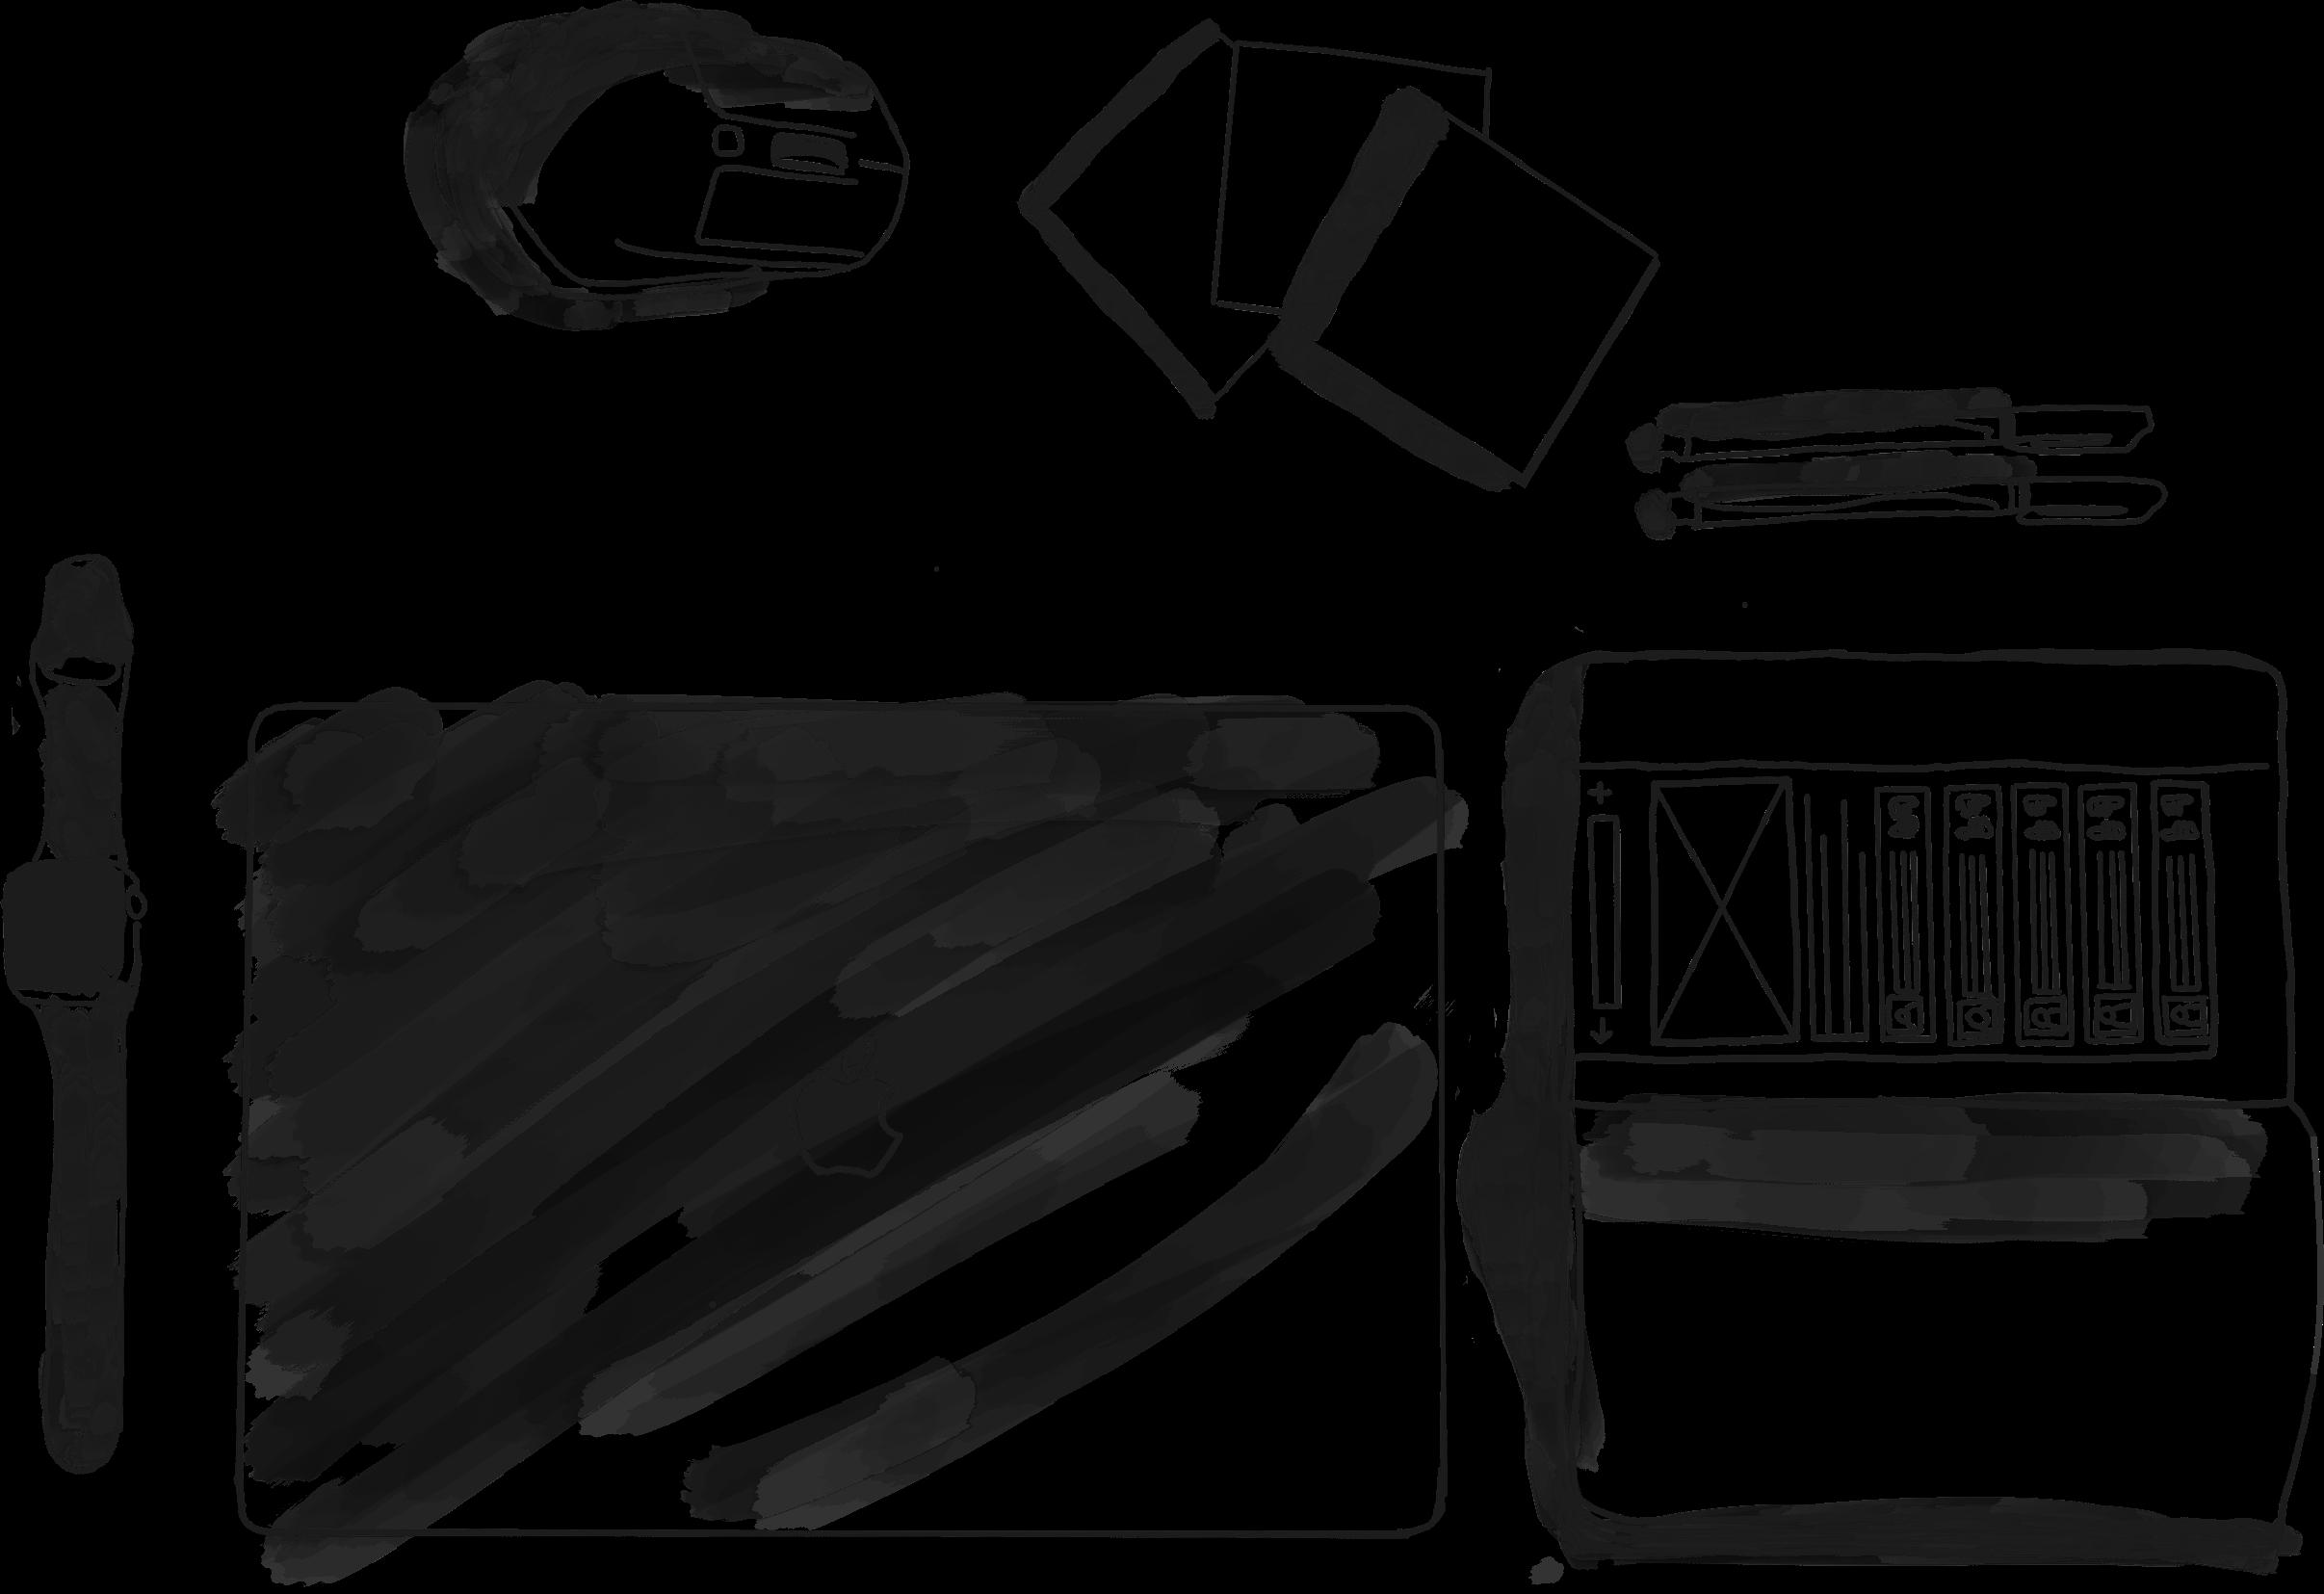 sketched banner v2.png